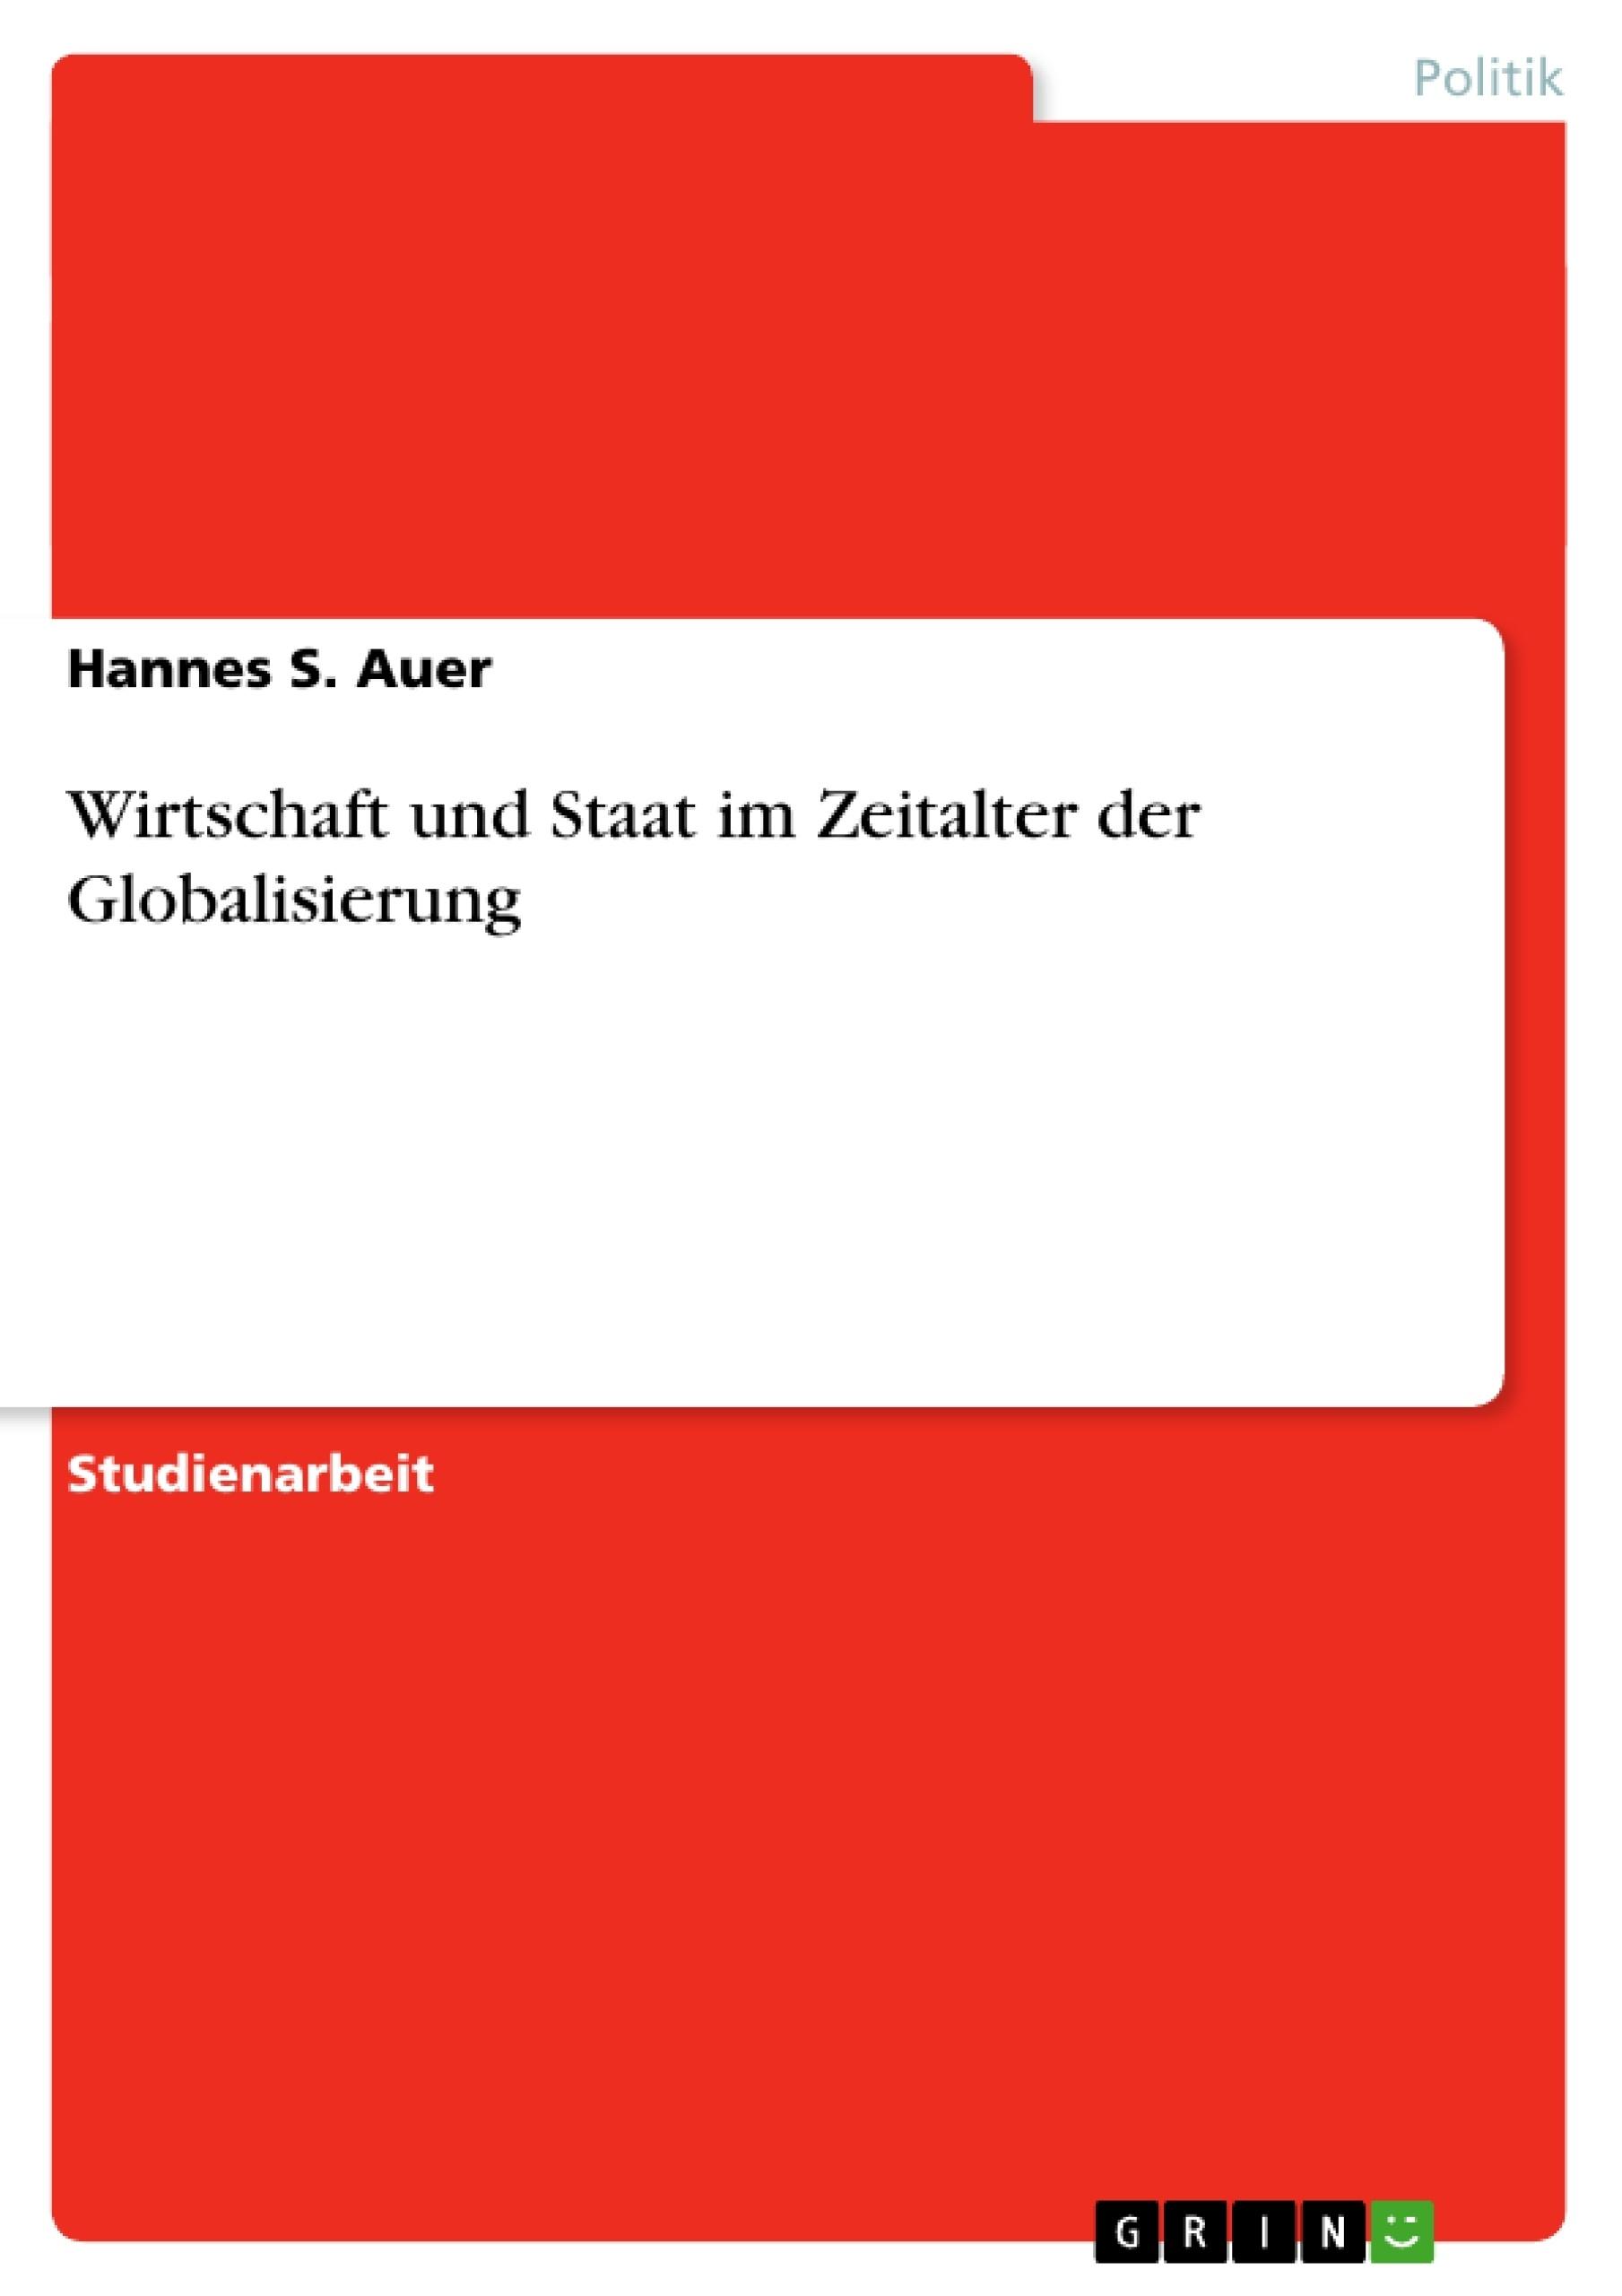 Titel: Wirtschaft und Staat im Zeitalter der Globalisierung